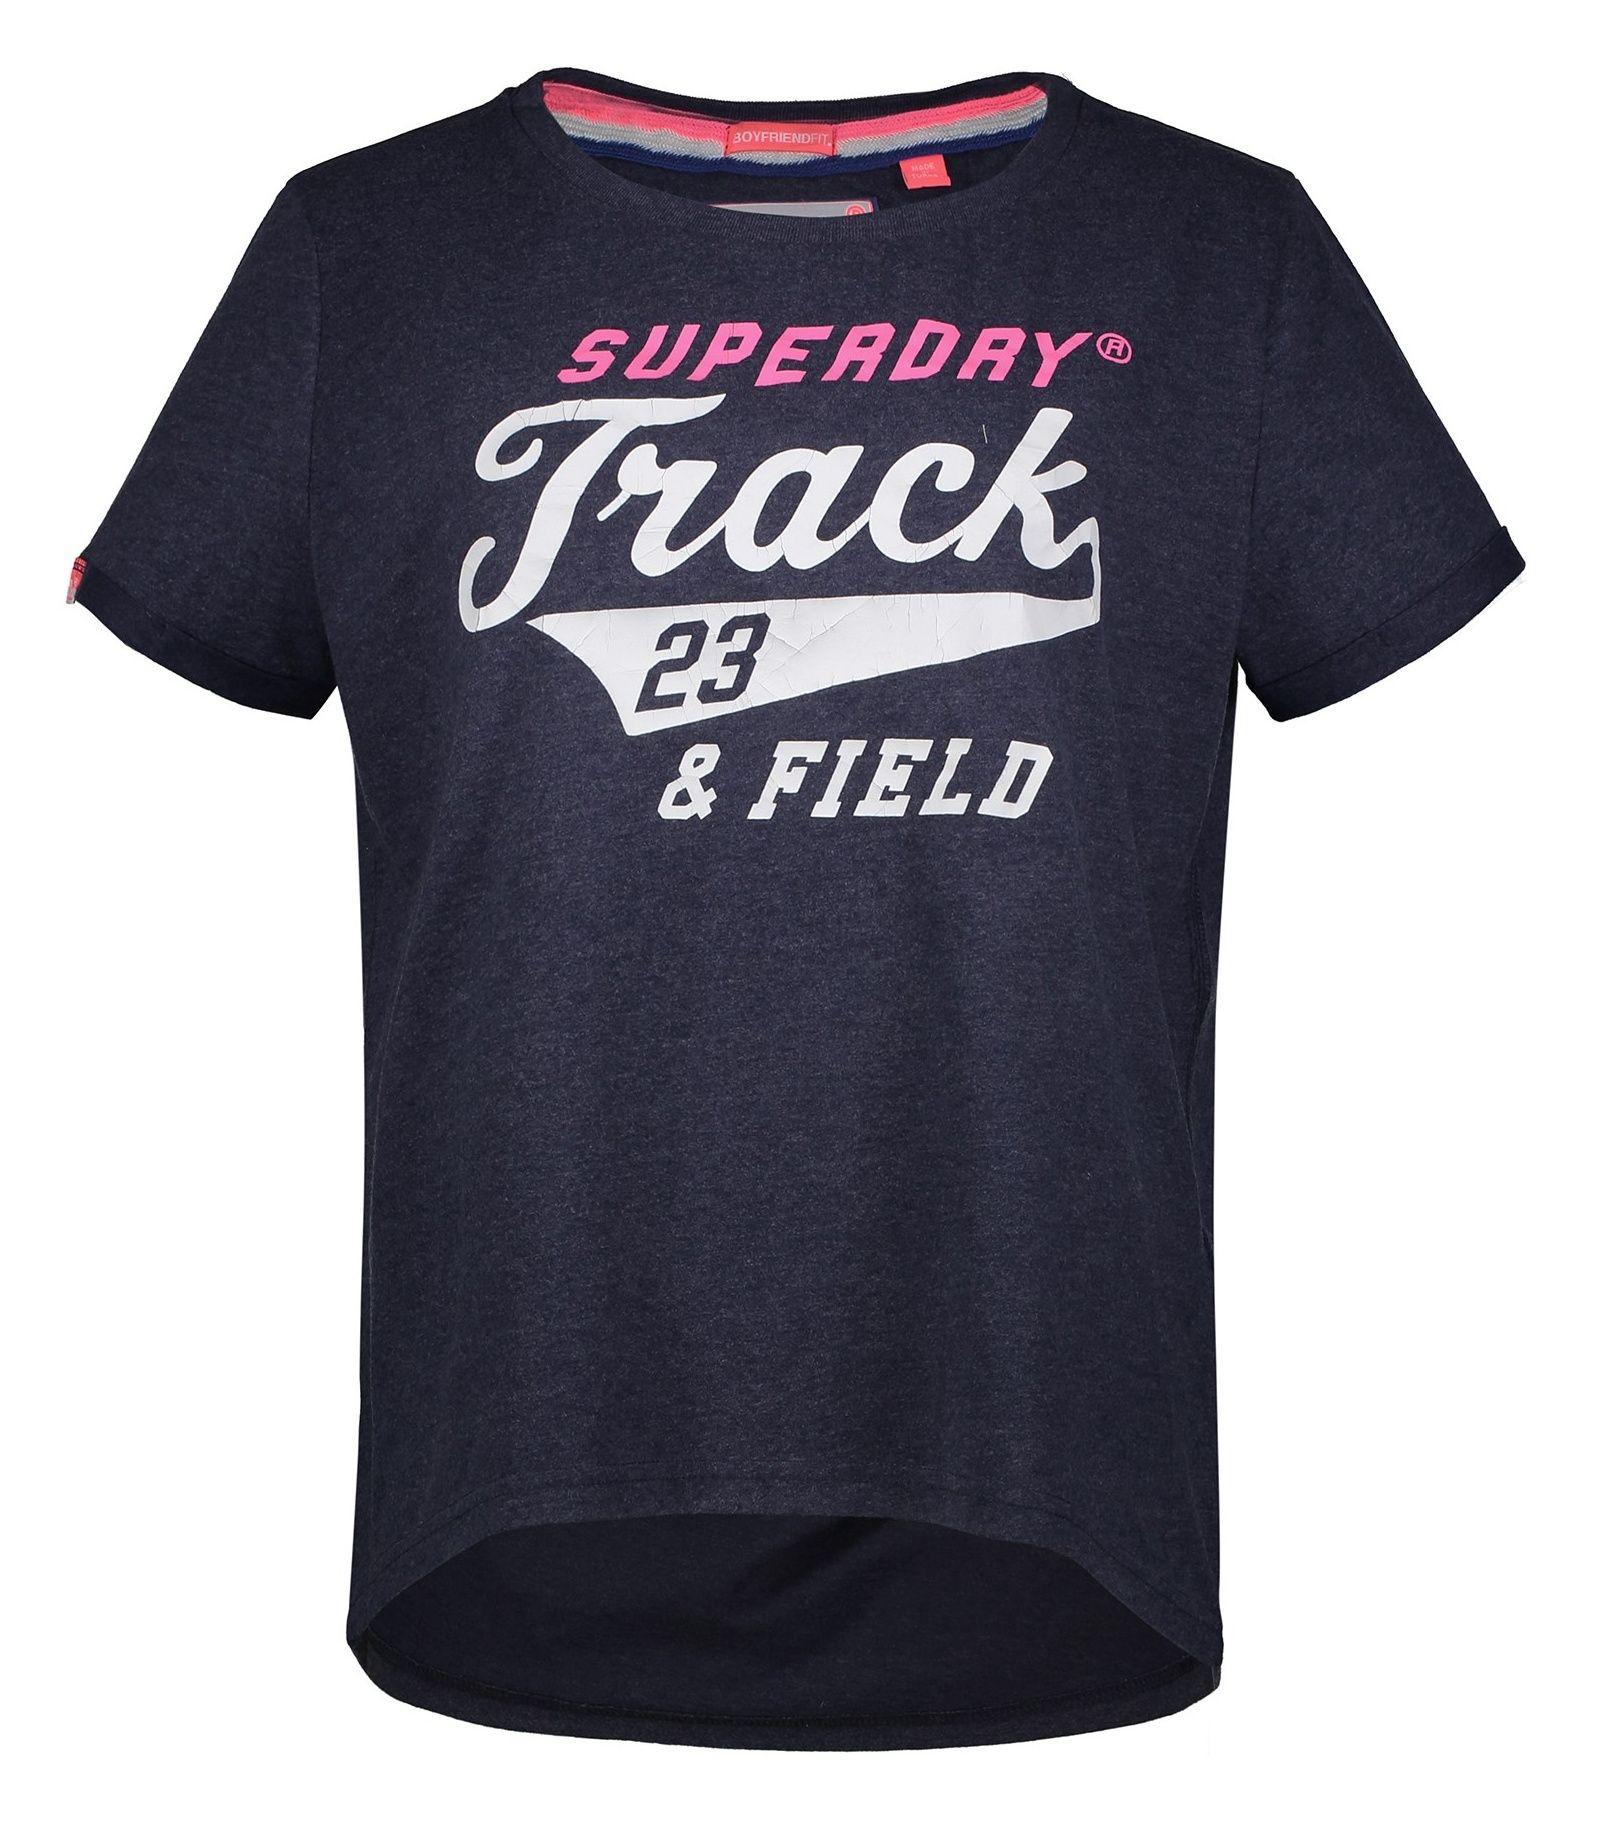 تی شرت نخی یقه گرد زنانه Trackster - سوپردرای - آبي نفتي - 1